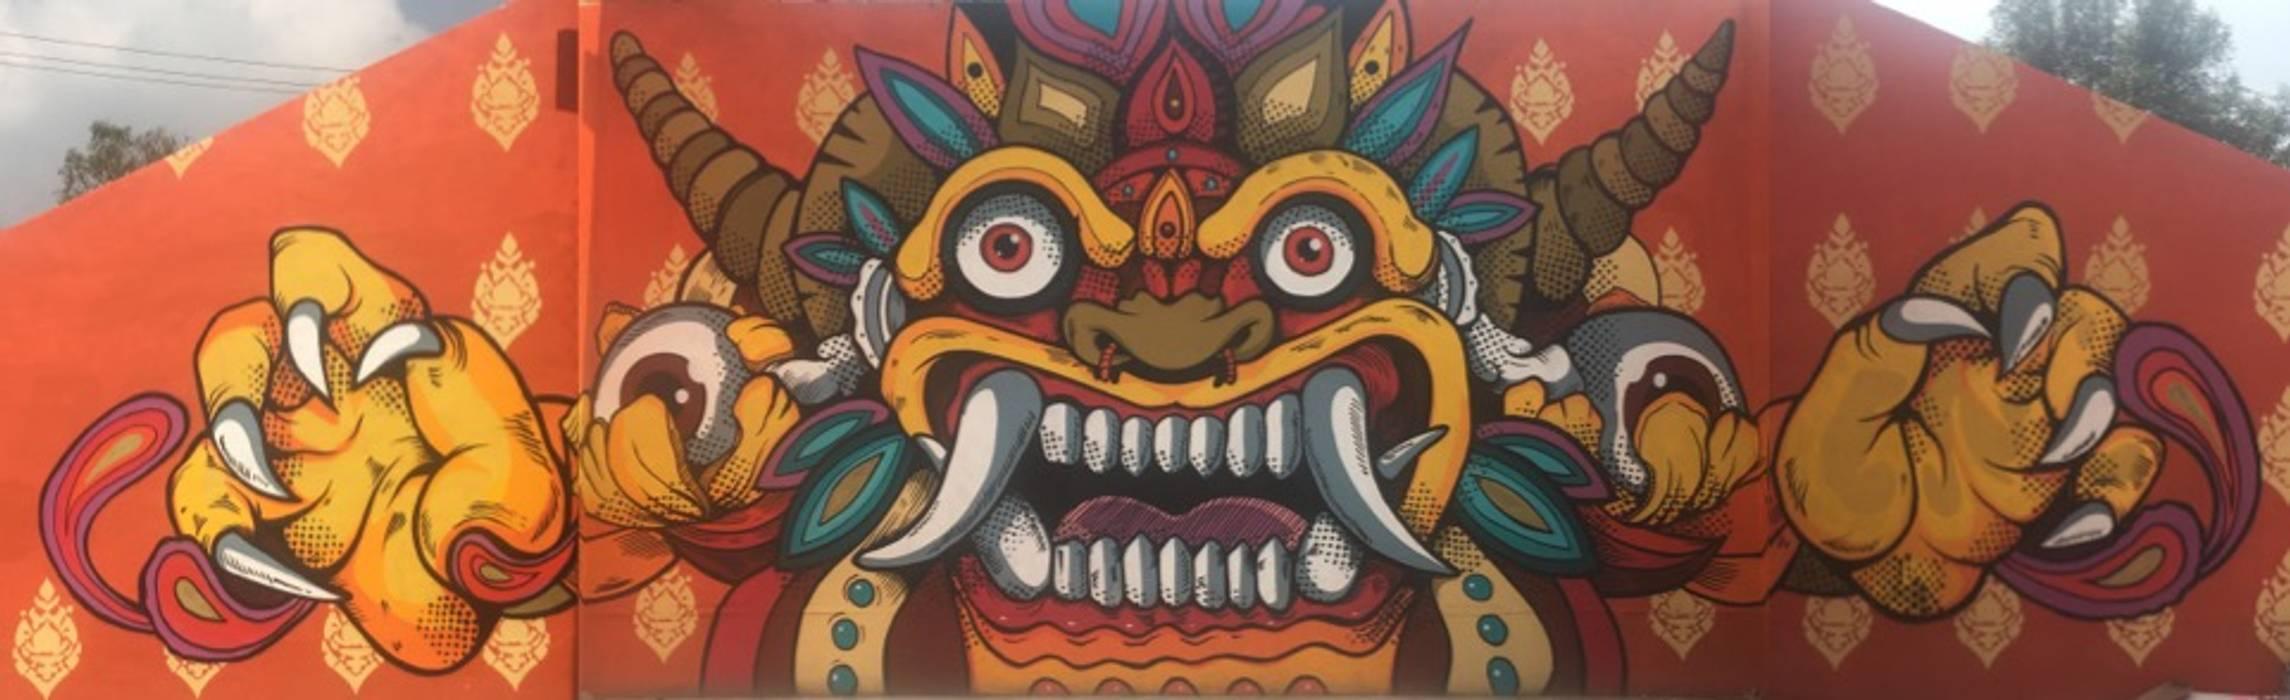 Mural de Barong by BARRAGAN ARQUITECTOS Asian